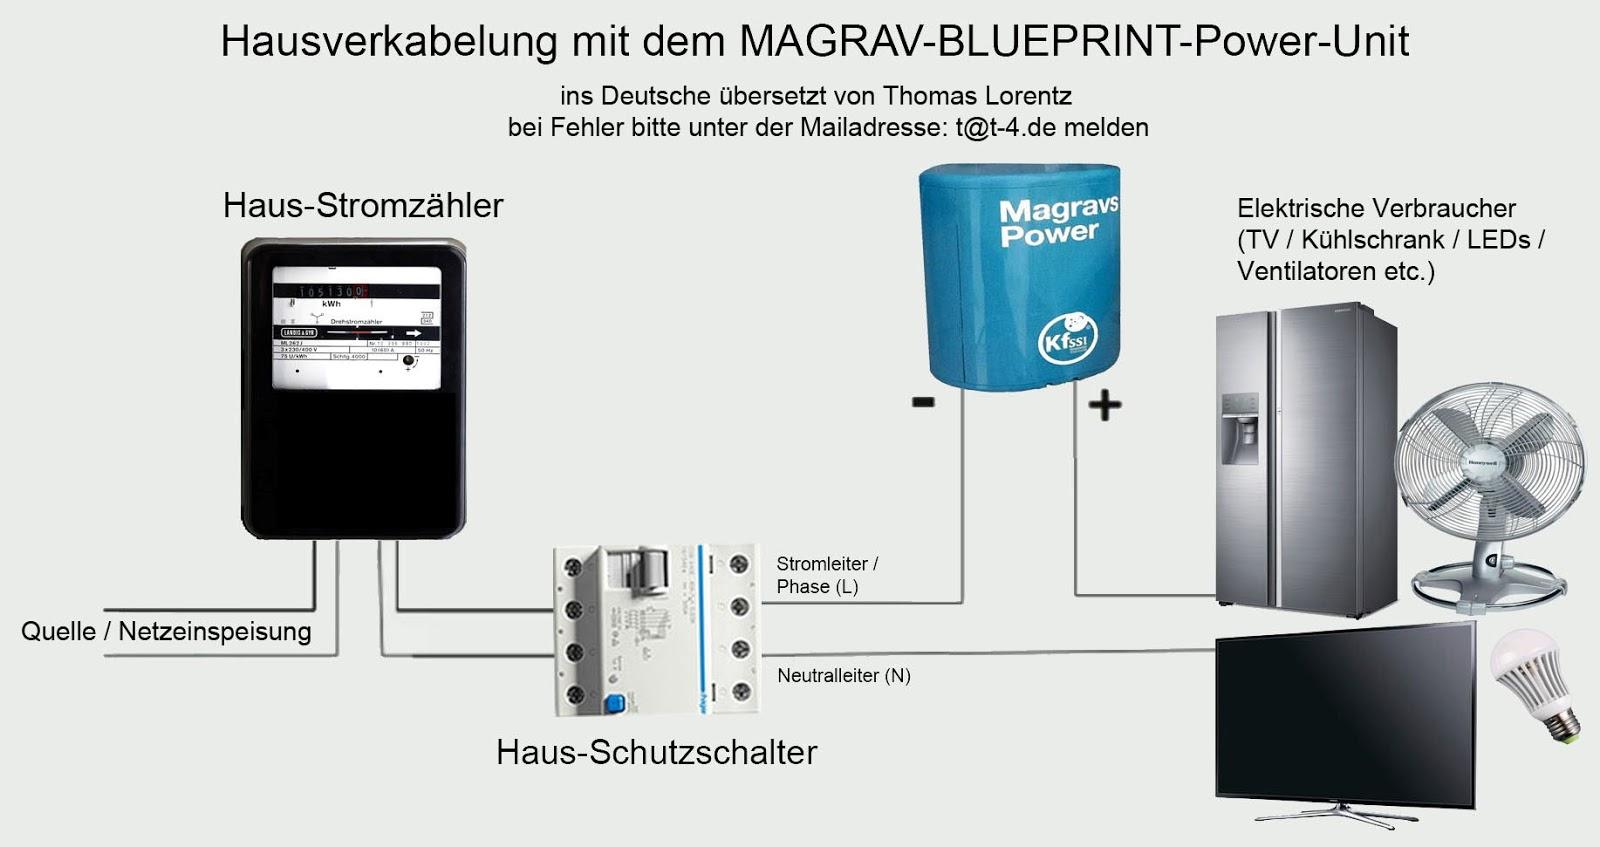 zeitzumaufwachen.blogspot.com: Schritt für Schritt Bauanleitung ...